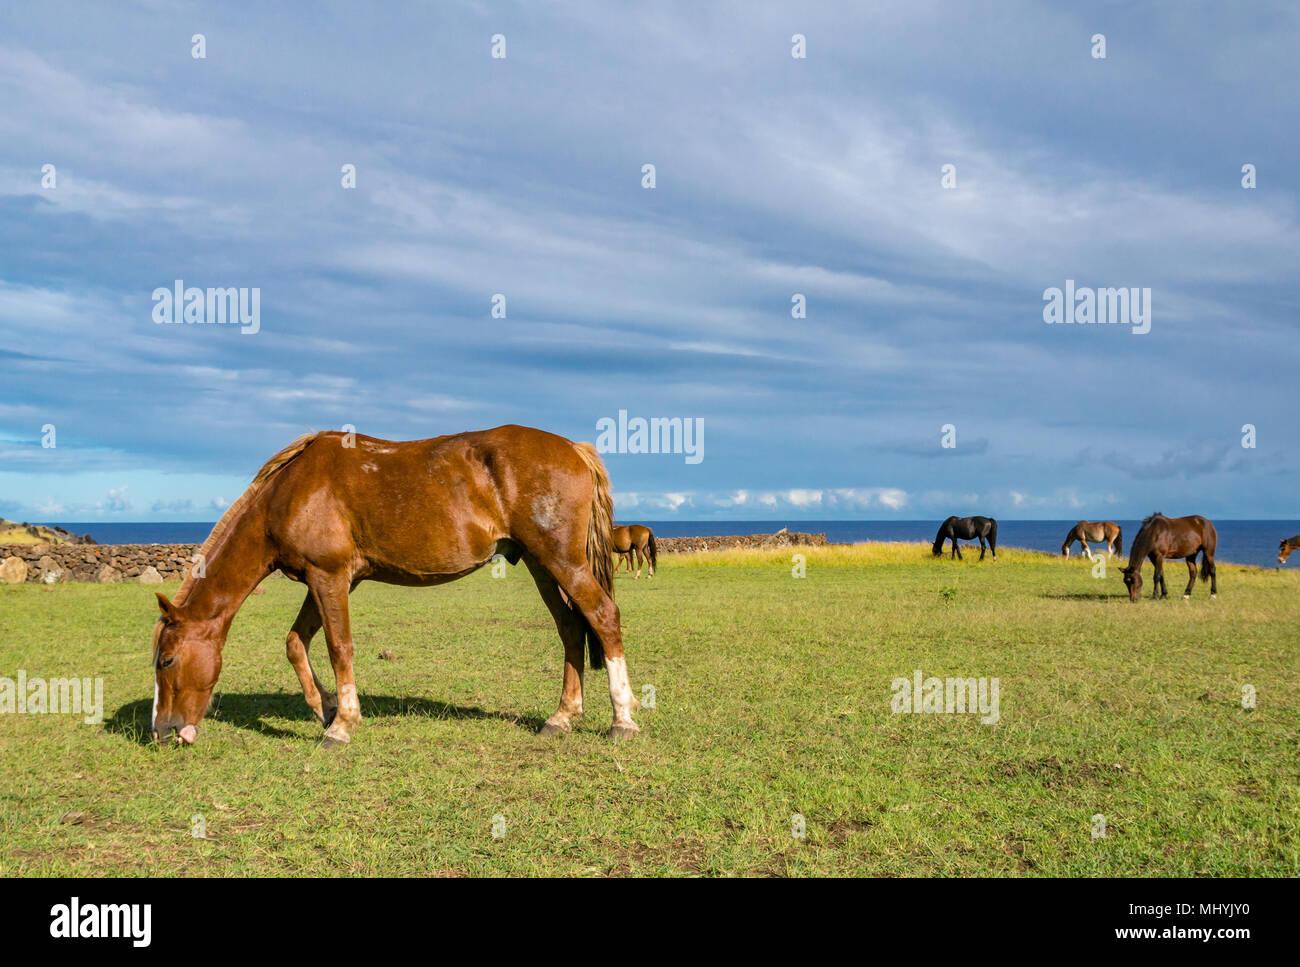 Cavalli selvaggi di pascolare su erba accanto al mare, con cielo blu, l'isola di pasqua, Cile Immagini Stock